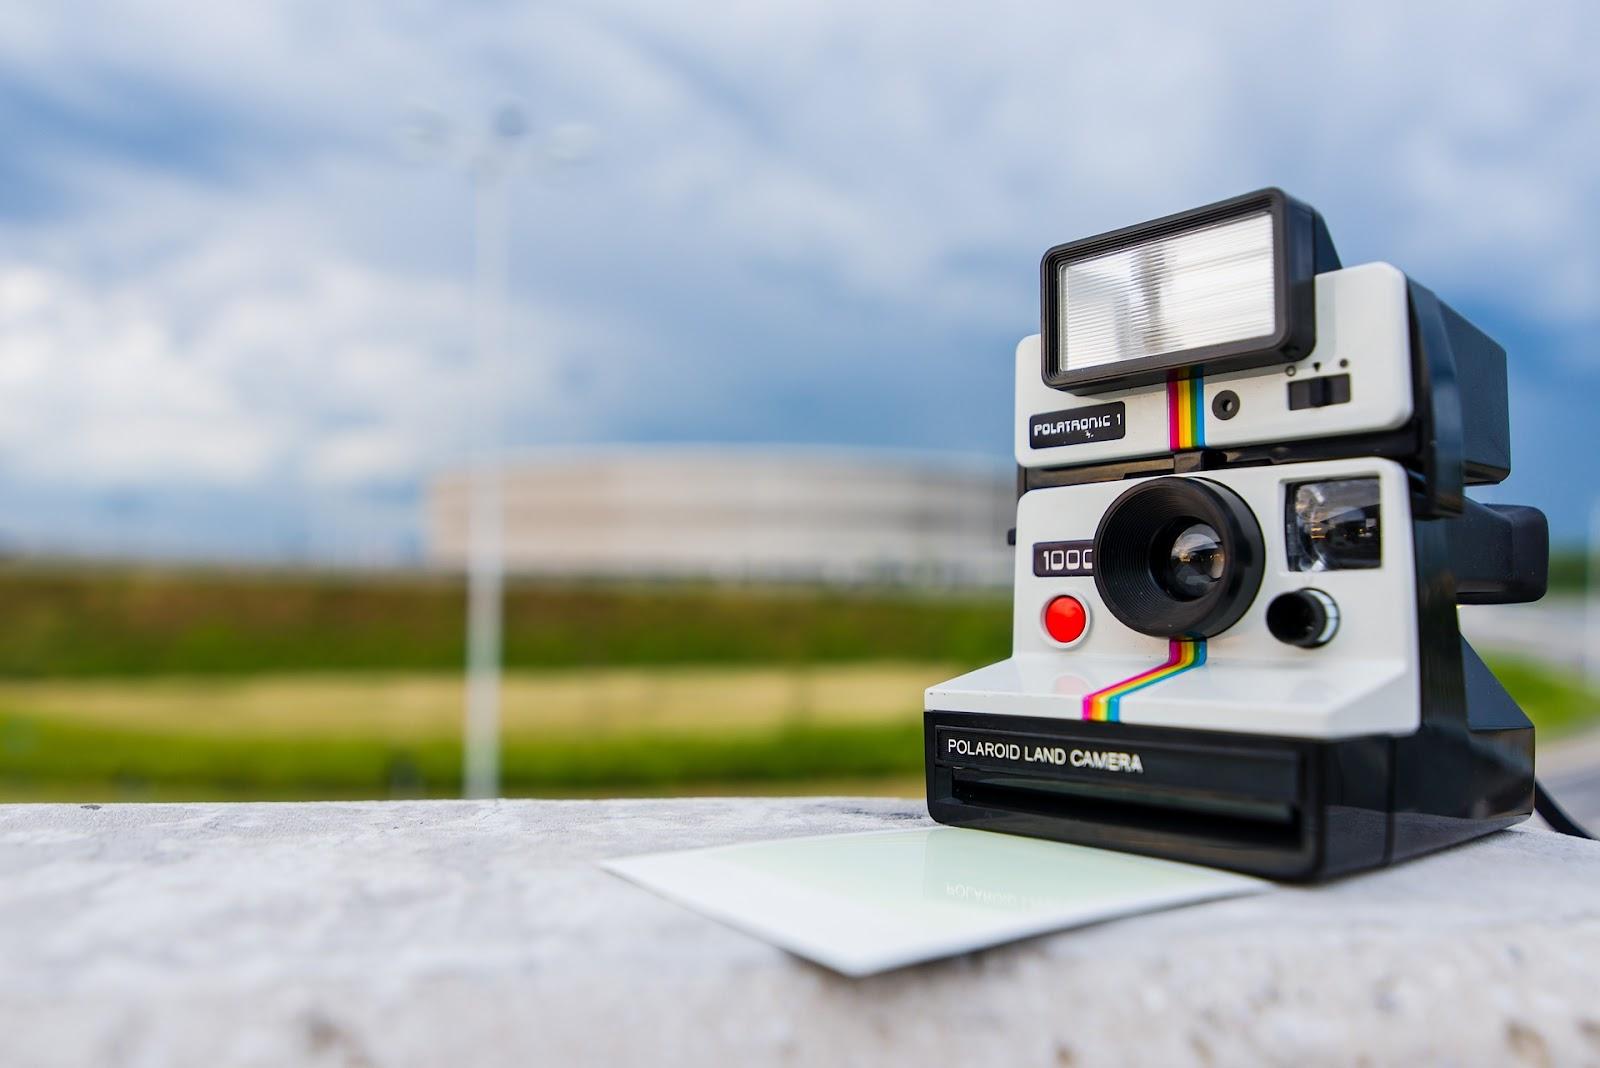 Fotocamera di Polaroid appoggiata su un muretto, con natura nello sfondo per introdurre la storia di Polaroid